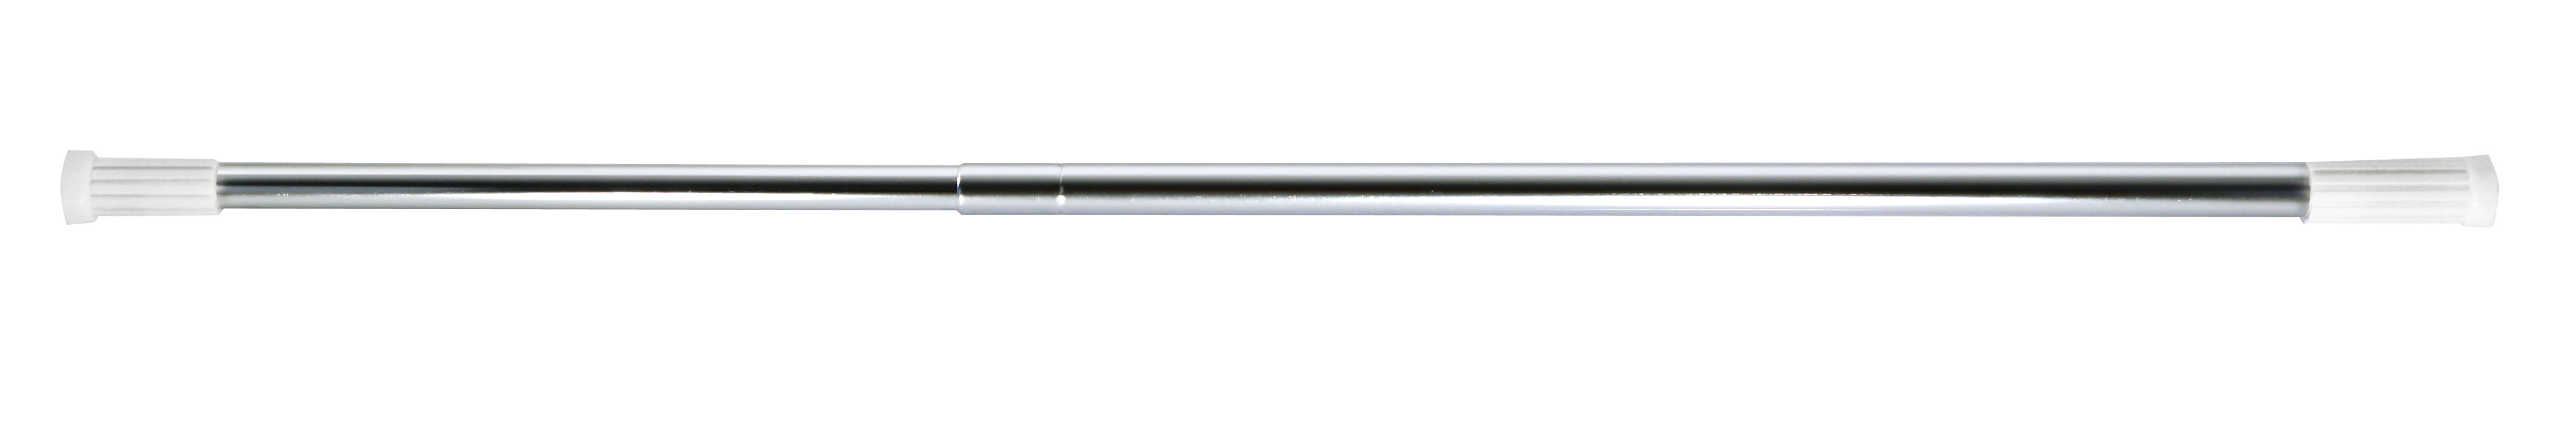 Bara extensibila 110-200cm, suport pentru perdea de dus - AWD02100232